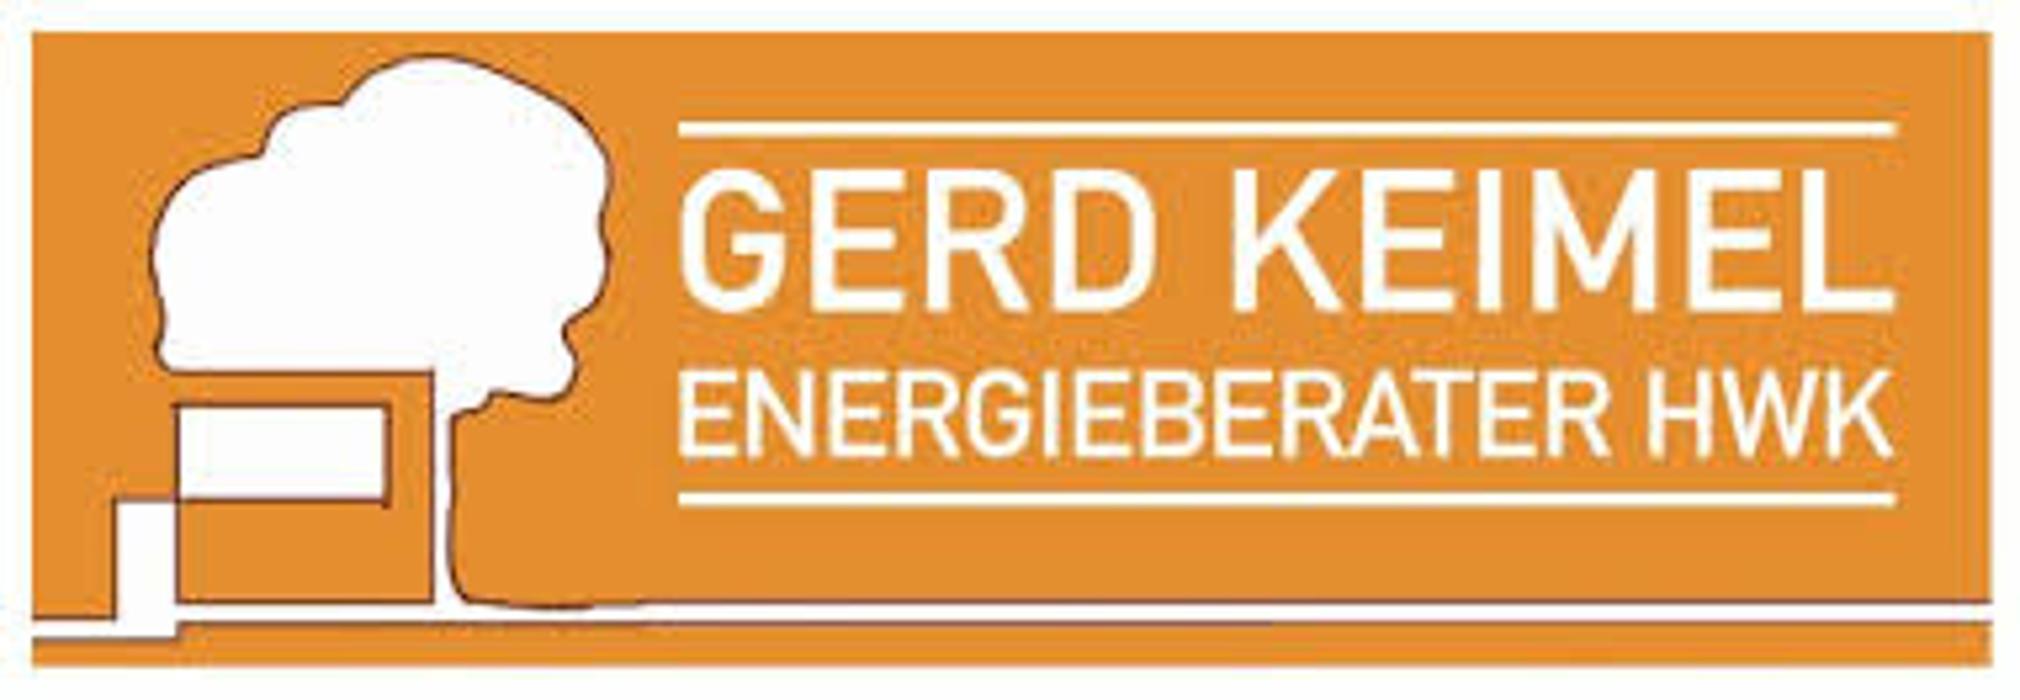 Bild zu Dipl. Ing. Gerd Keimel Energieberater HWK, Baubiologe IBN in Pfaffenhofen an der Ilm